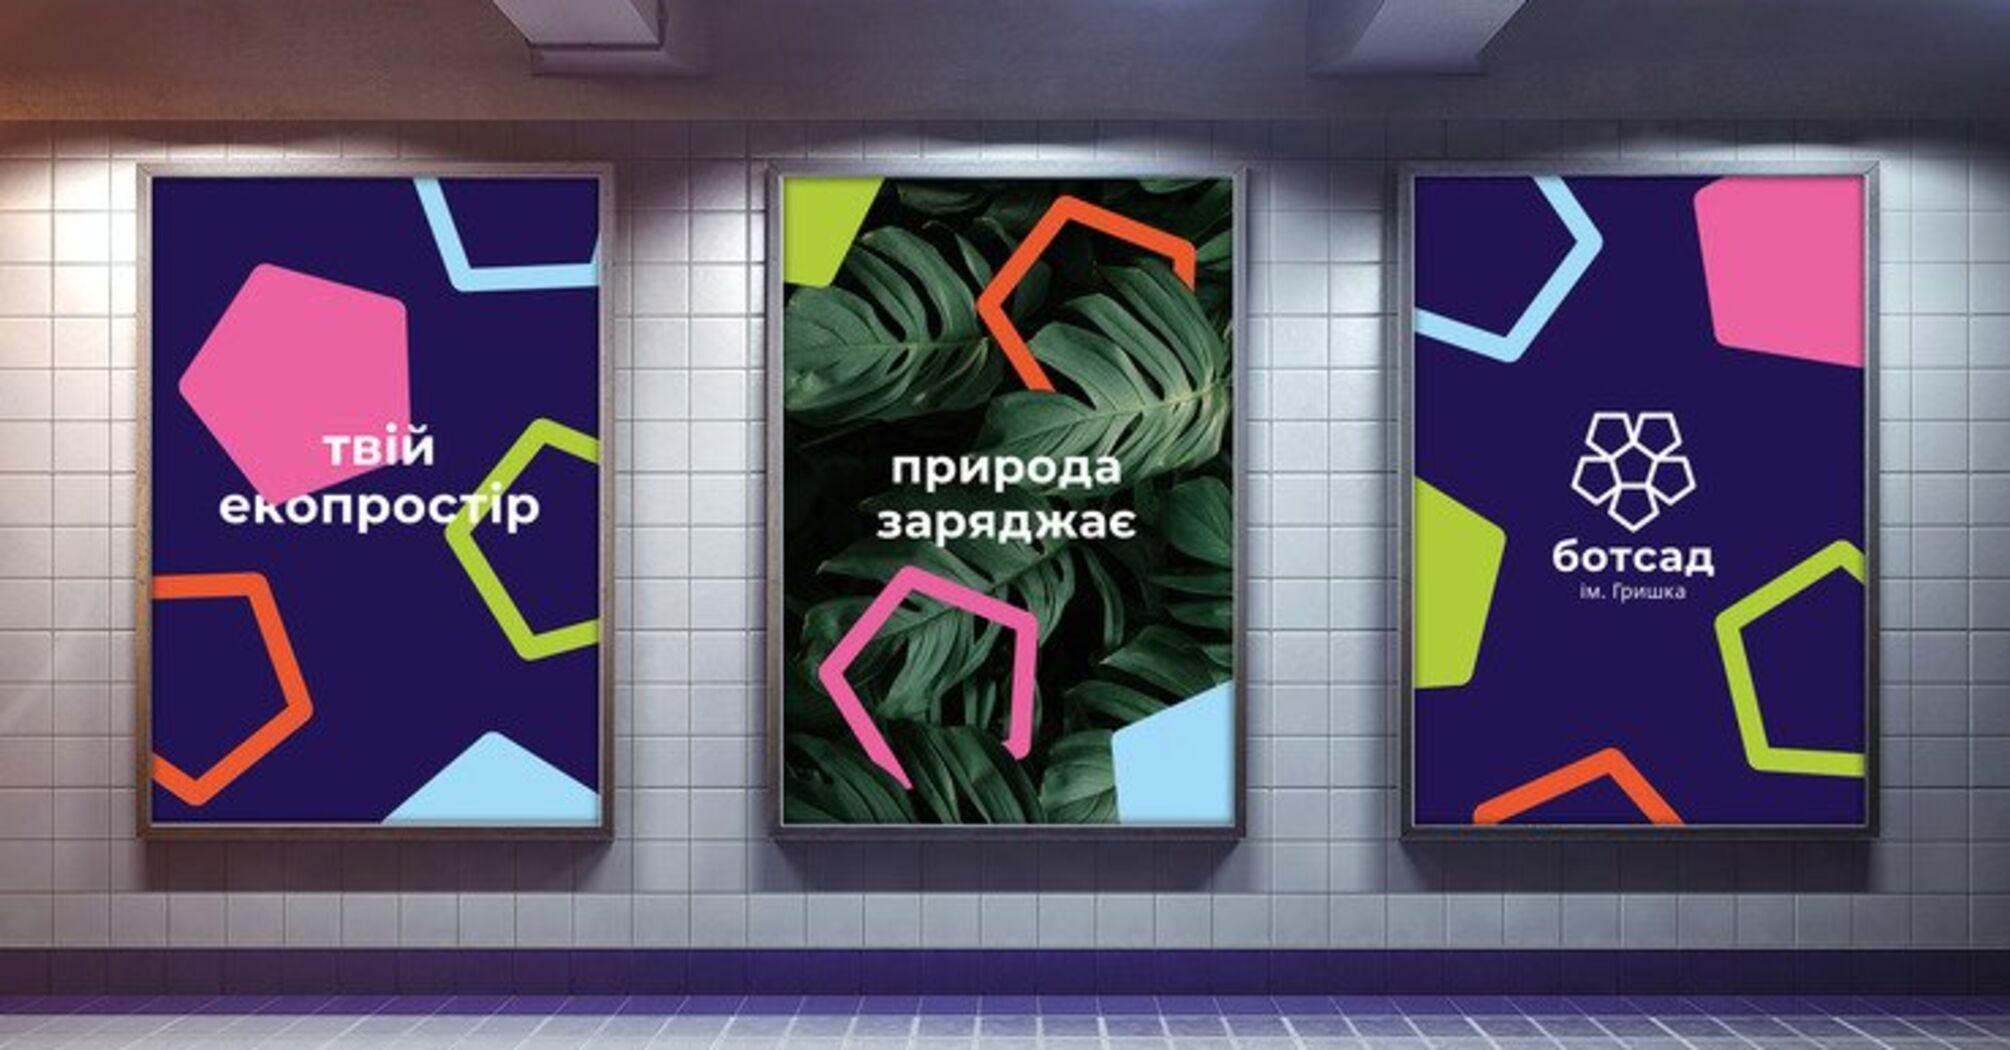 Київський ботсад ім. Гришка оновив айдентику.